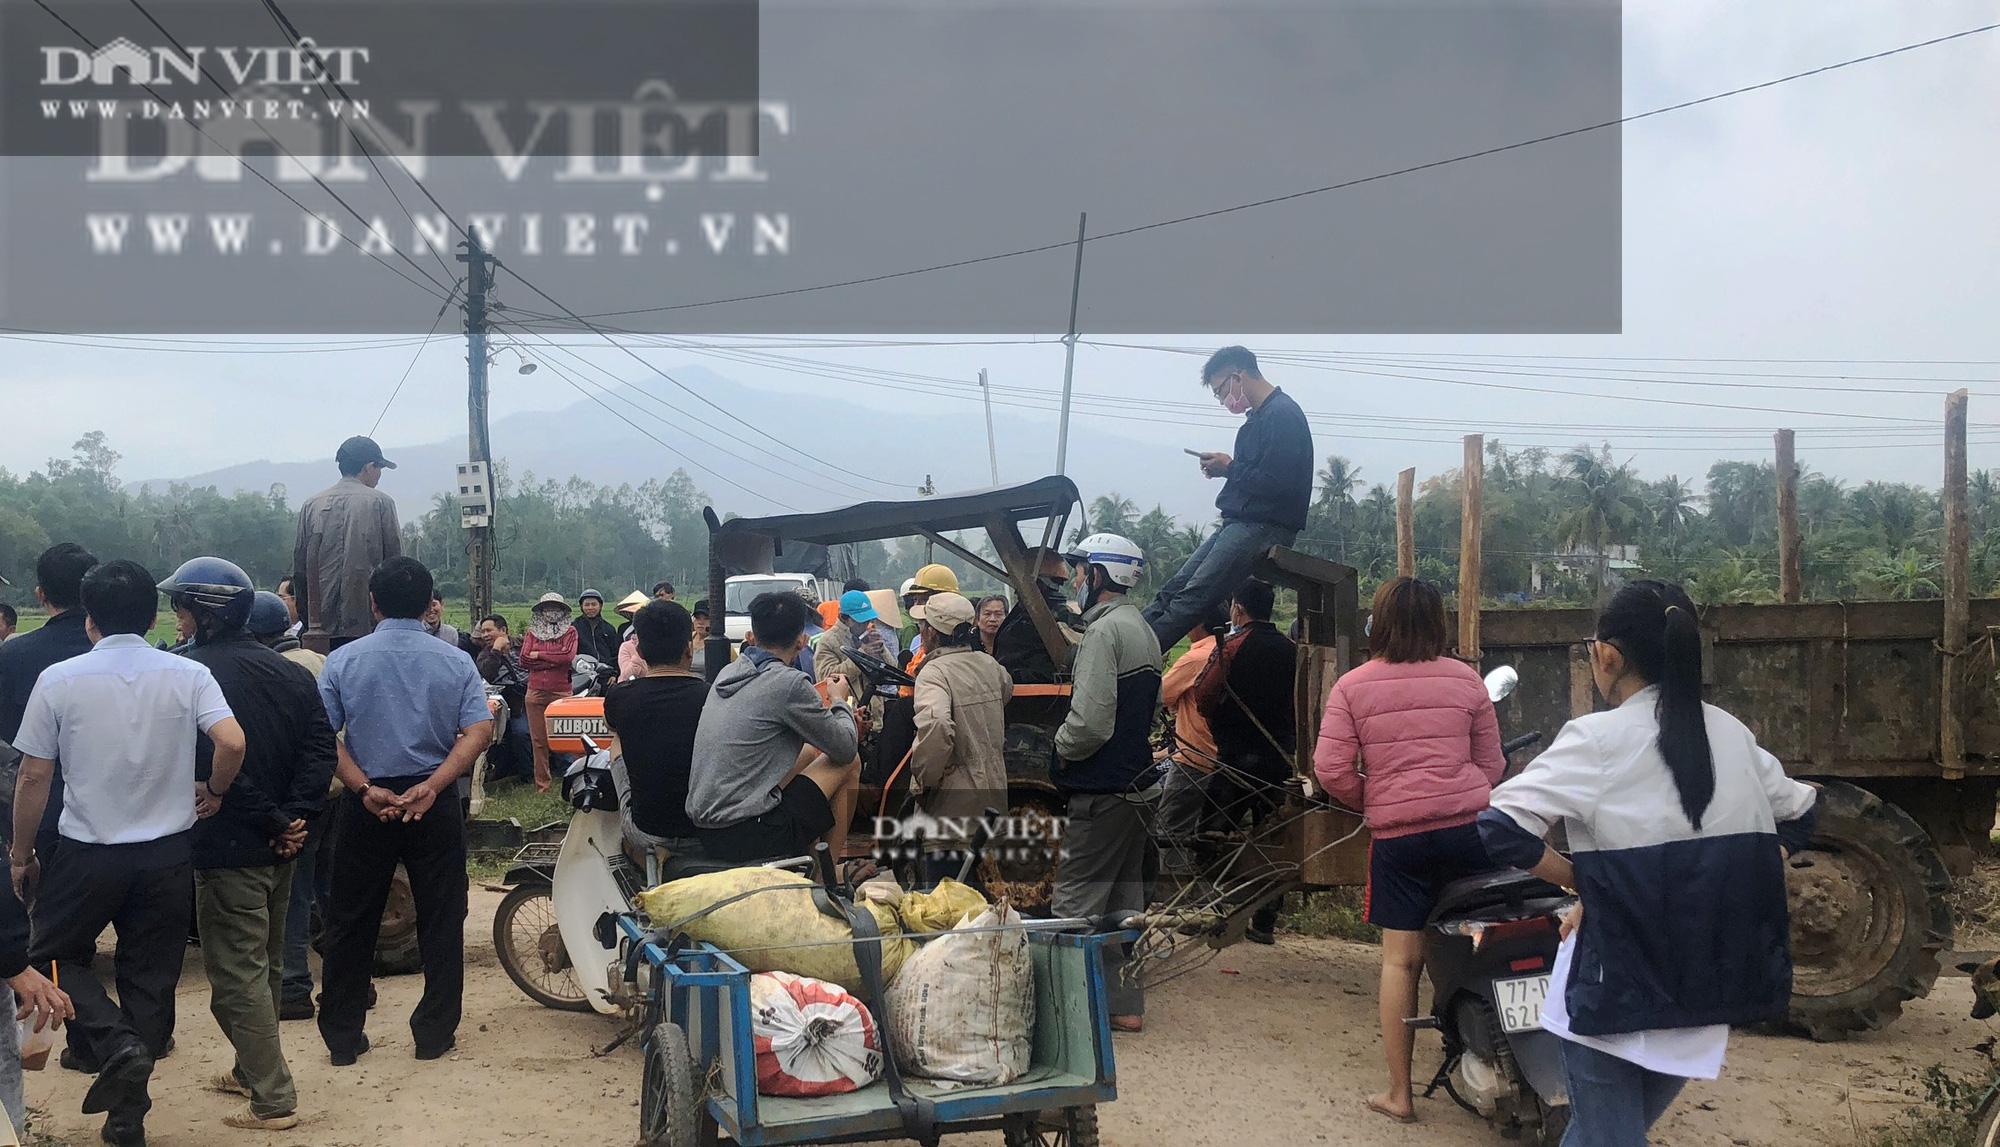 Bình Định: Dân chặn ôtô chở lãnh đạo huyện đến dự khánh thành Nhà máy điện mặt trời Mỹ Hiệp  - Ảnh 1.